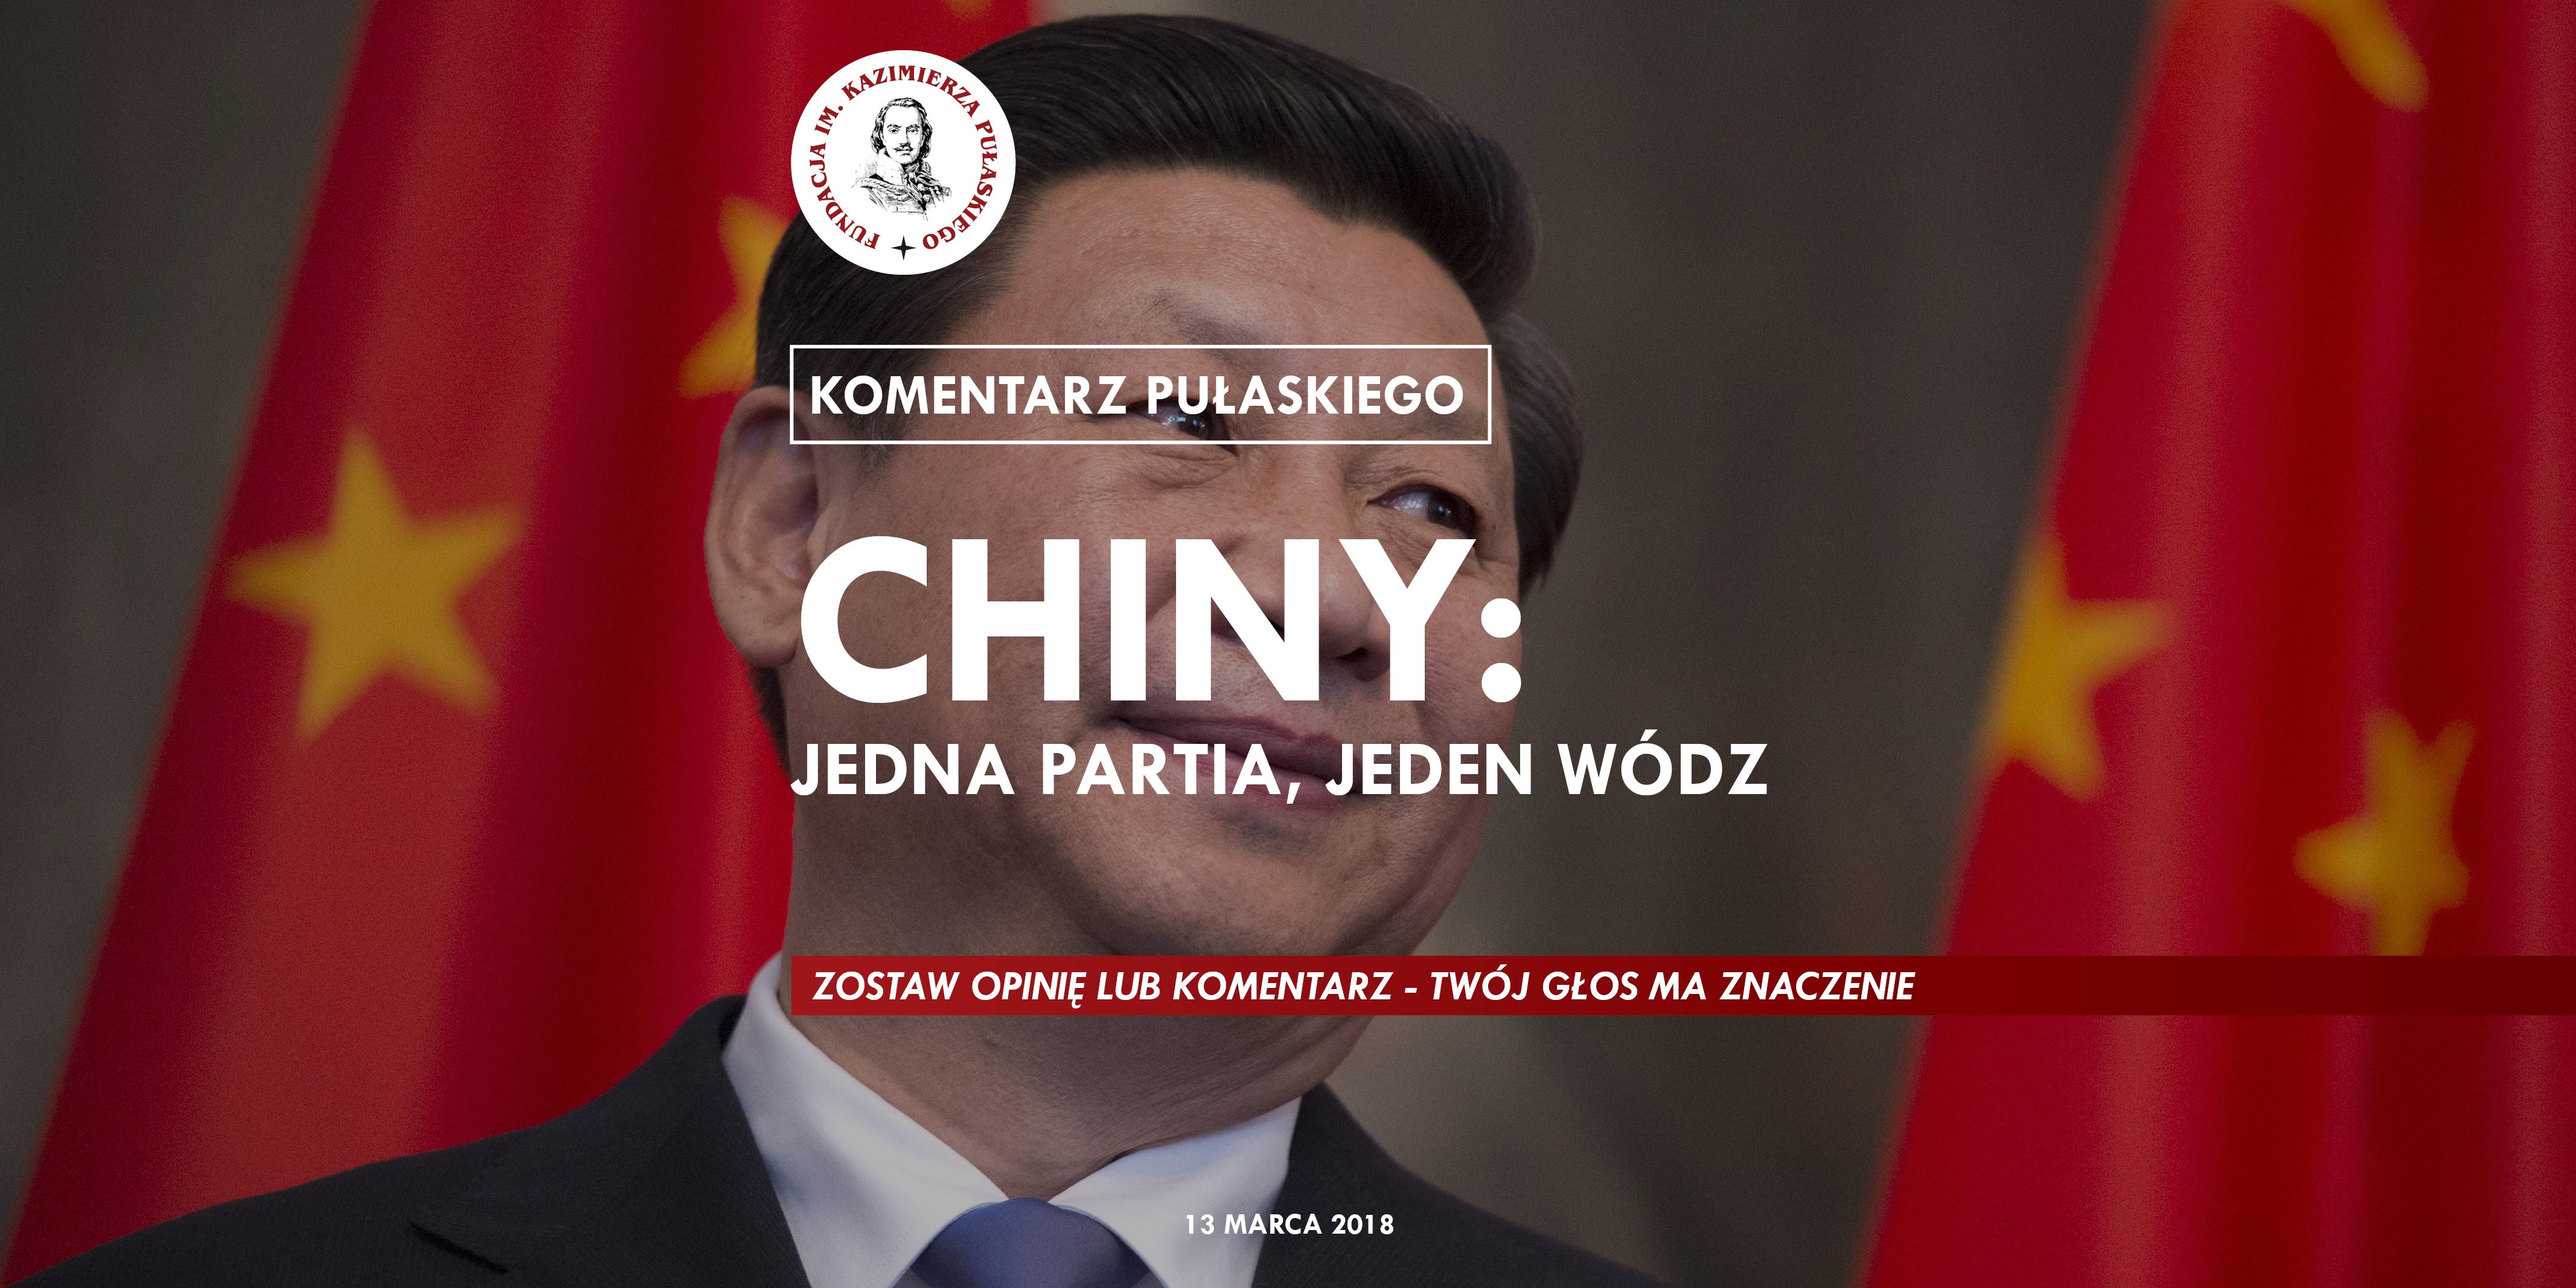 KOMENTARZ PUŁASKIEGO – B.Góralczyk: Chiny: Jedna Partia, Jeden Wódz